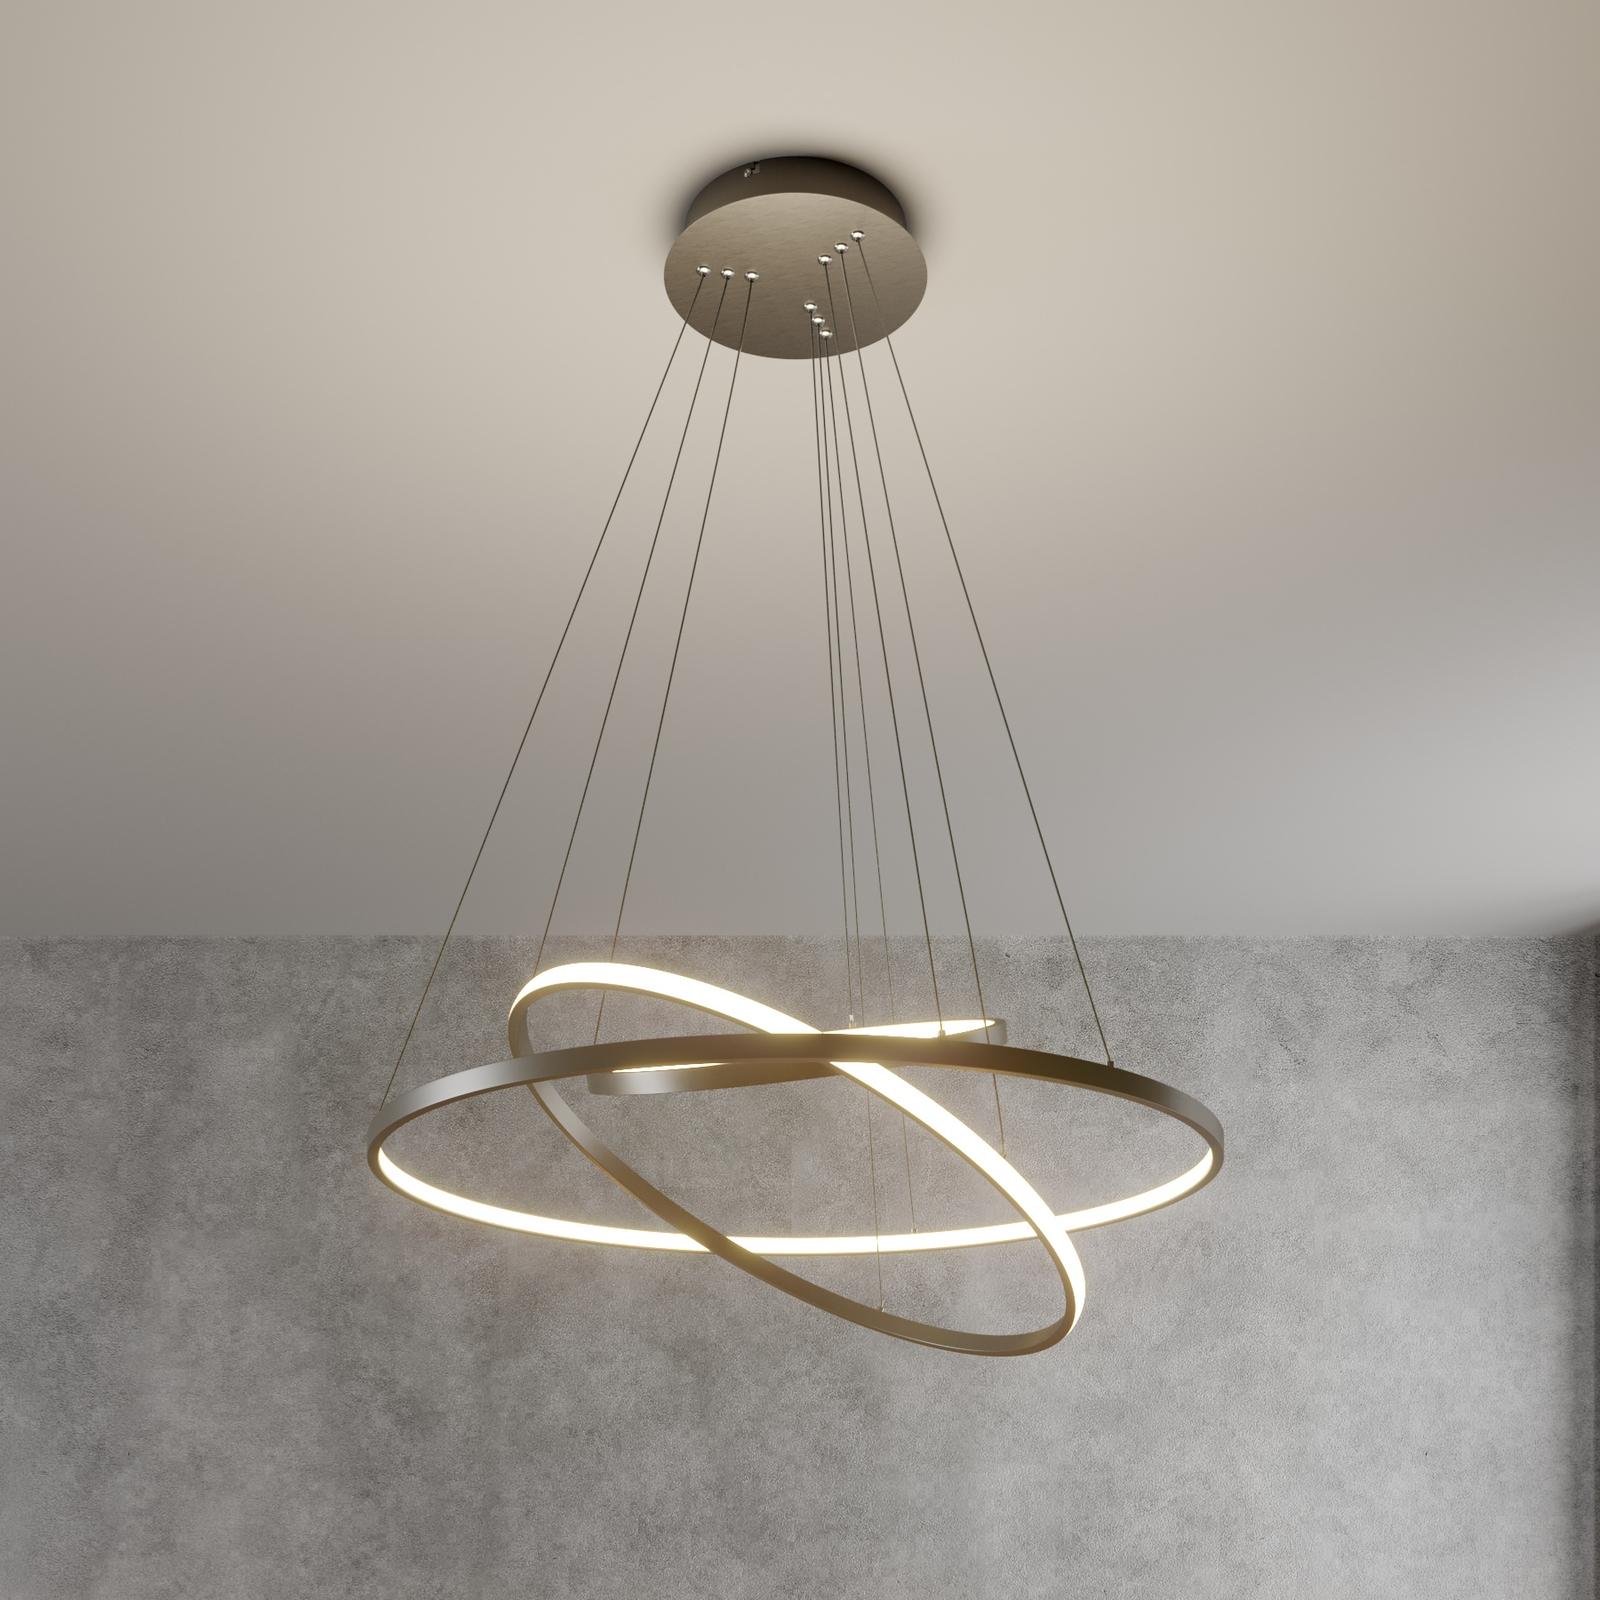 LED-pendellampe Ezana af tre ringe, nikkel